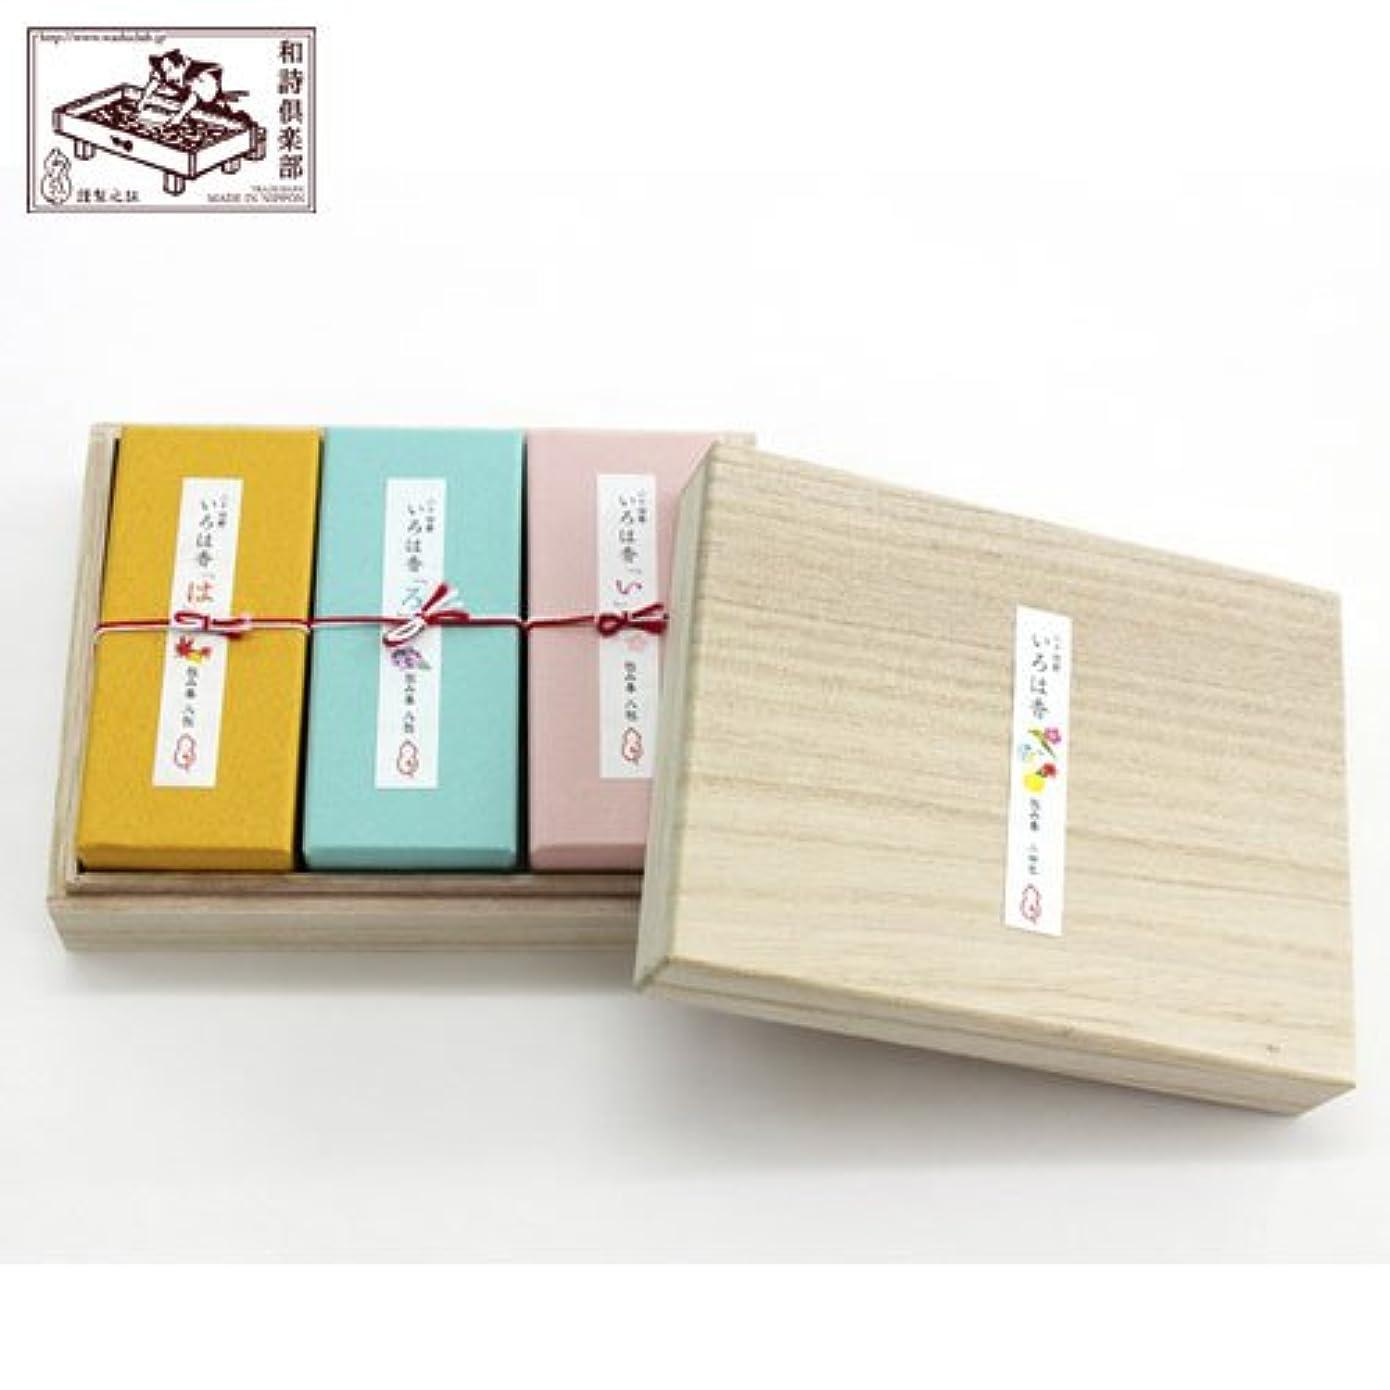 プレゼン約束する悪魔文香包み香セットいろは香二十四節気 (TT-001)和詩倶楽部